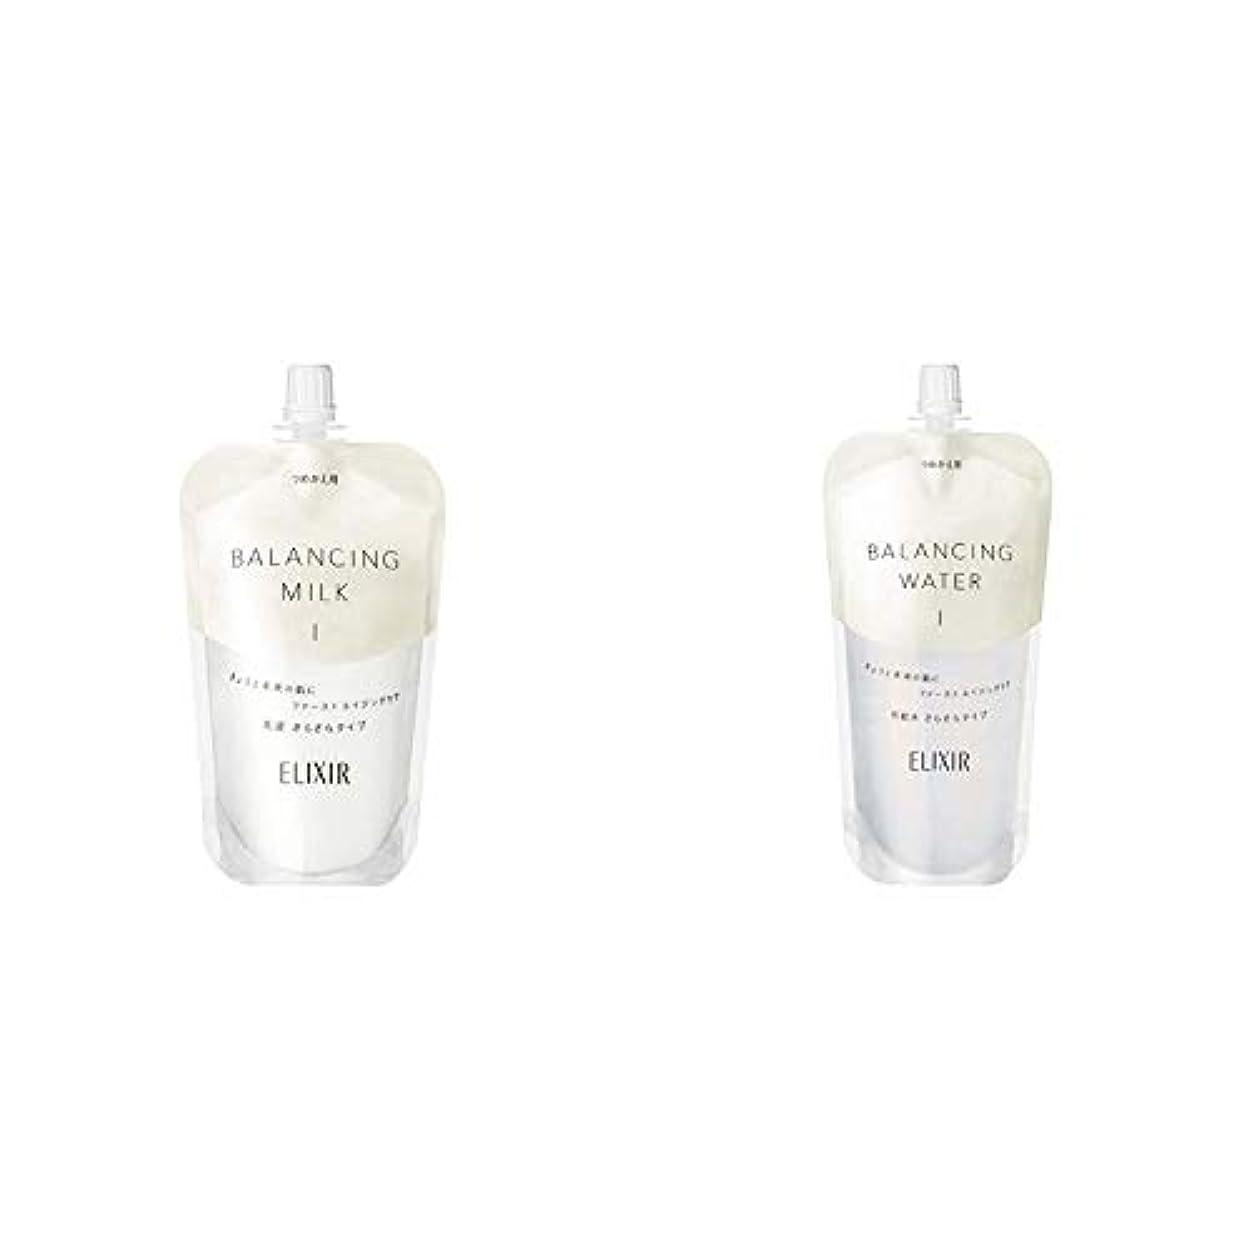 極貧ハブブ従事するエリクシール ルフレ バランシング ミルク 乳液 1 (さらさらタイプ) (つめかえ用) 110mL & ルフレ バランシング ウォーター 化粧水 1 (さらさらタイプ) (つめかえ用) 150mL